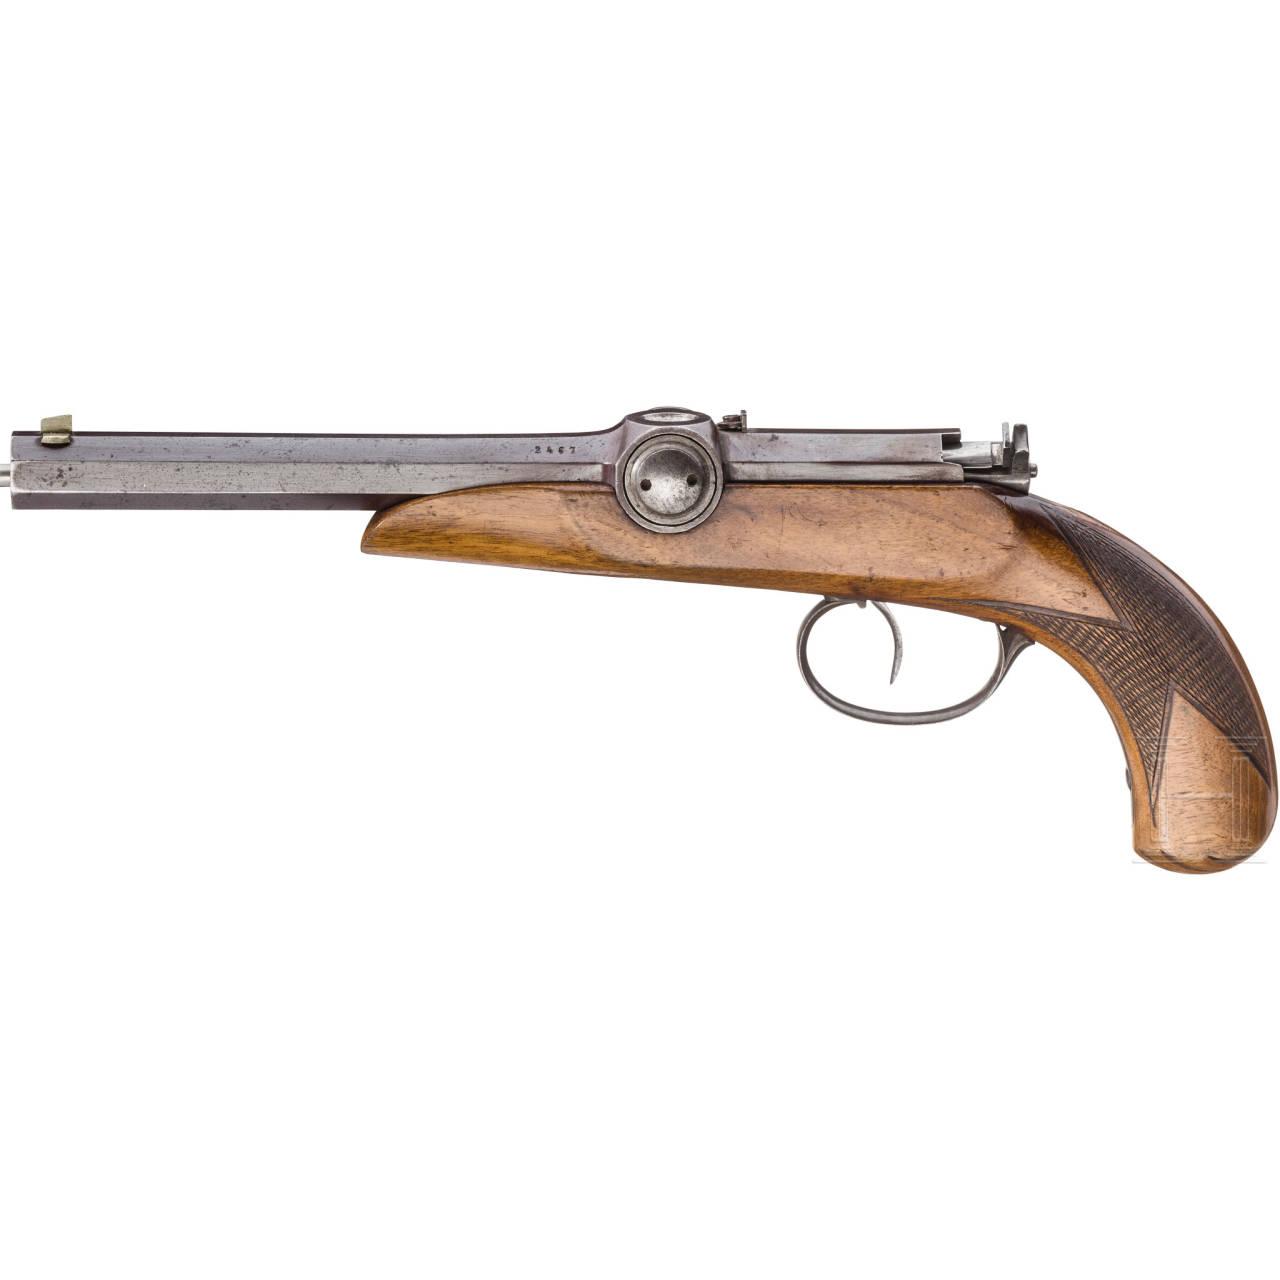 Zündnadelpistole, deutsch, um 1850